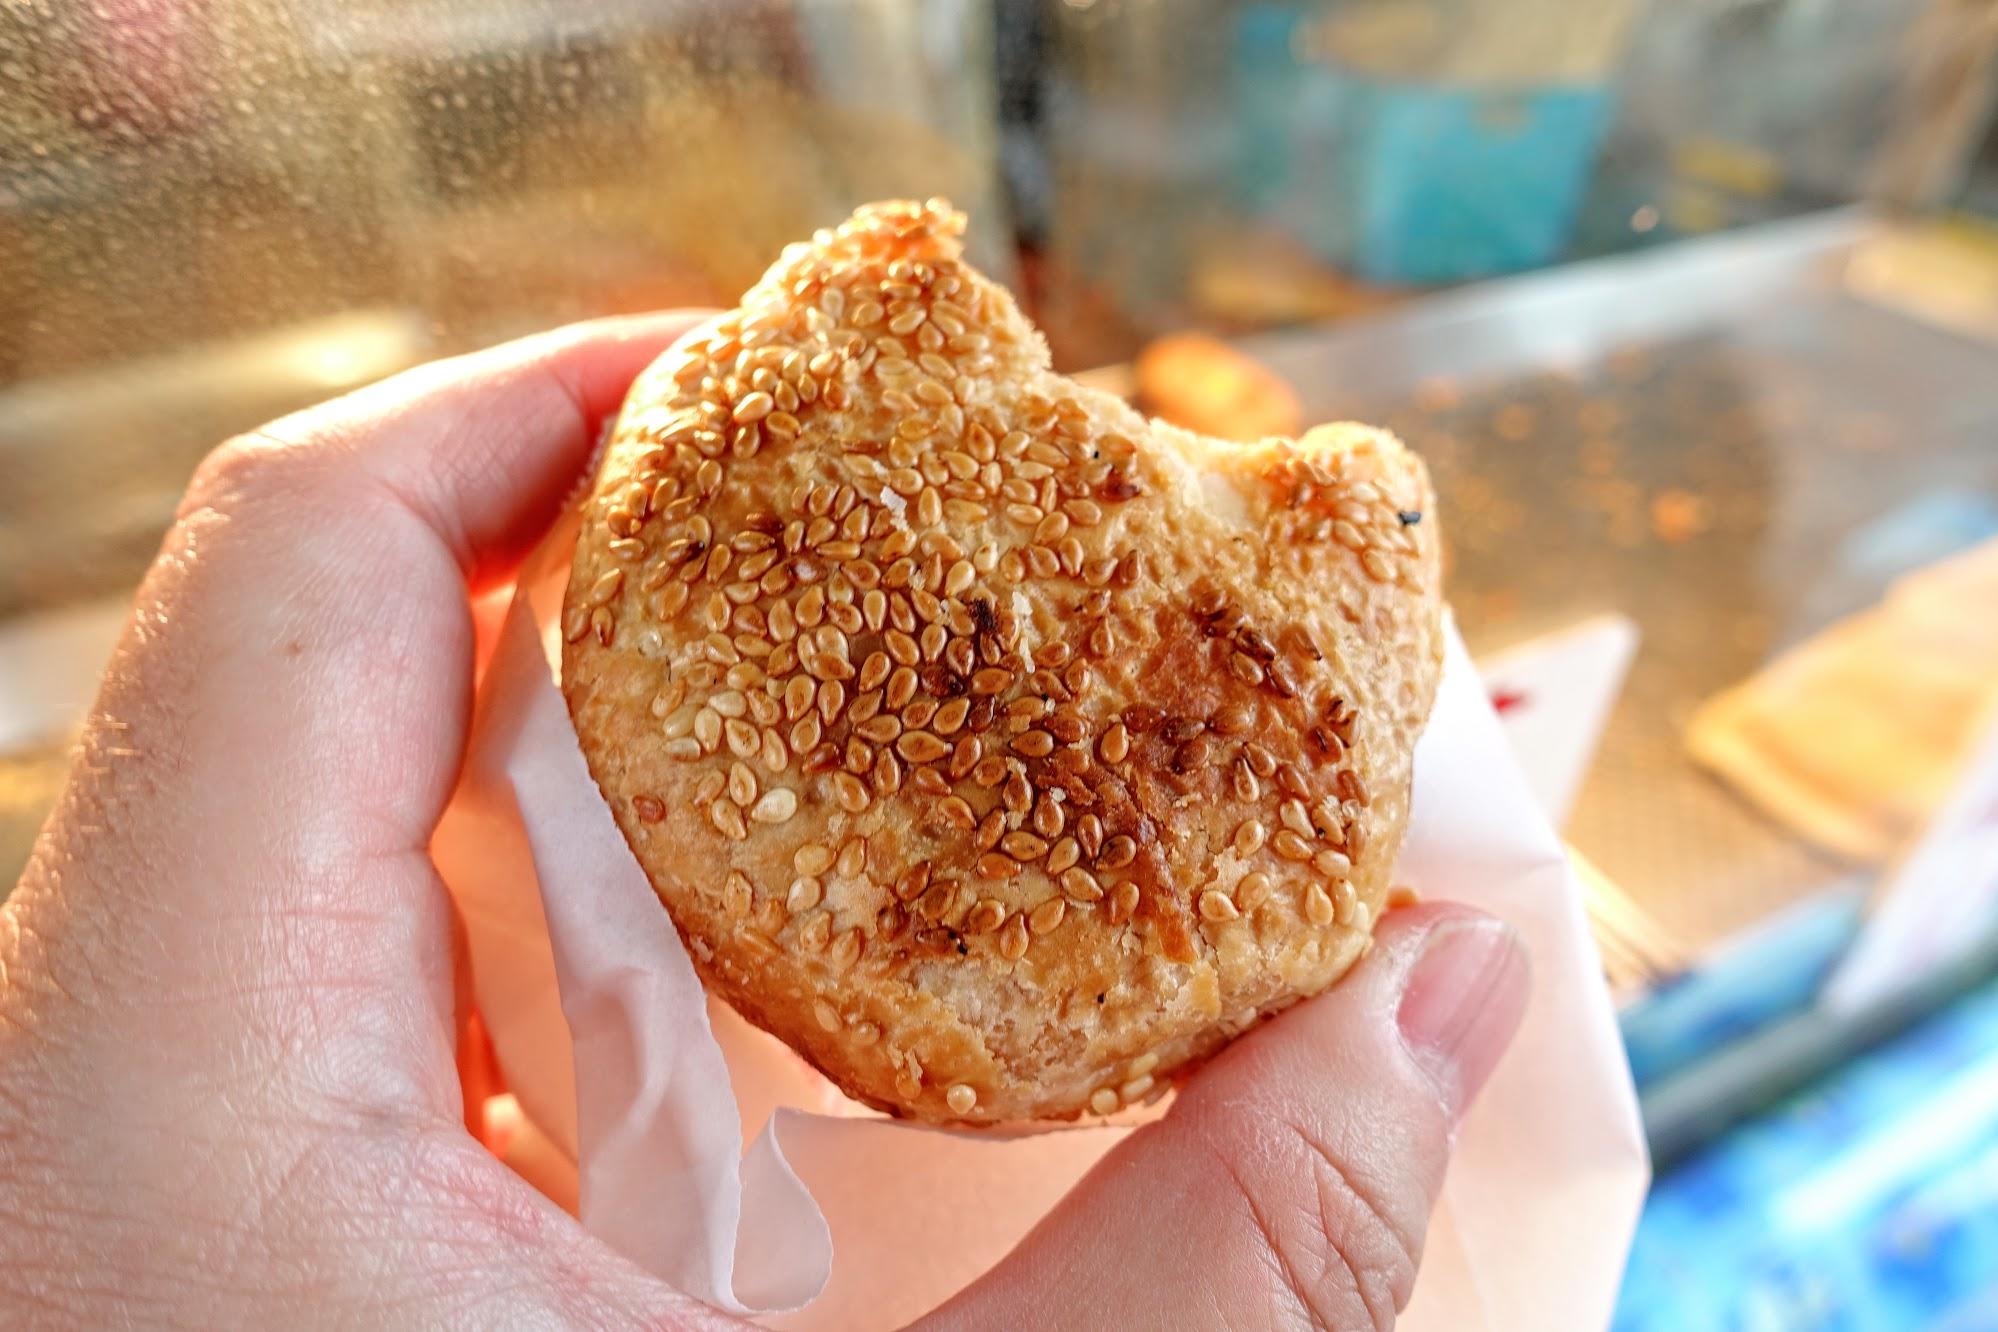 高雄-三民區-謝家碳烤燒餅